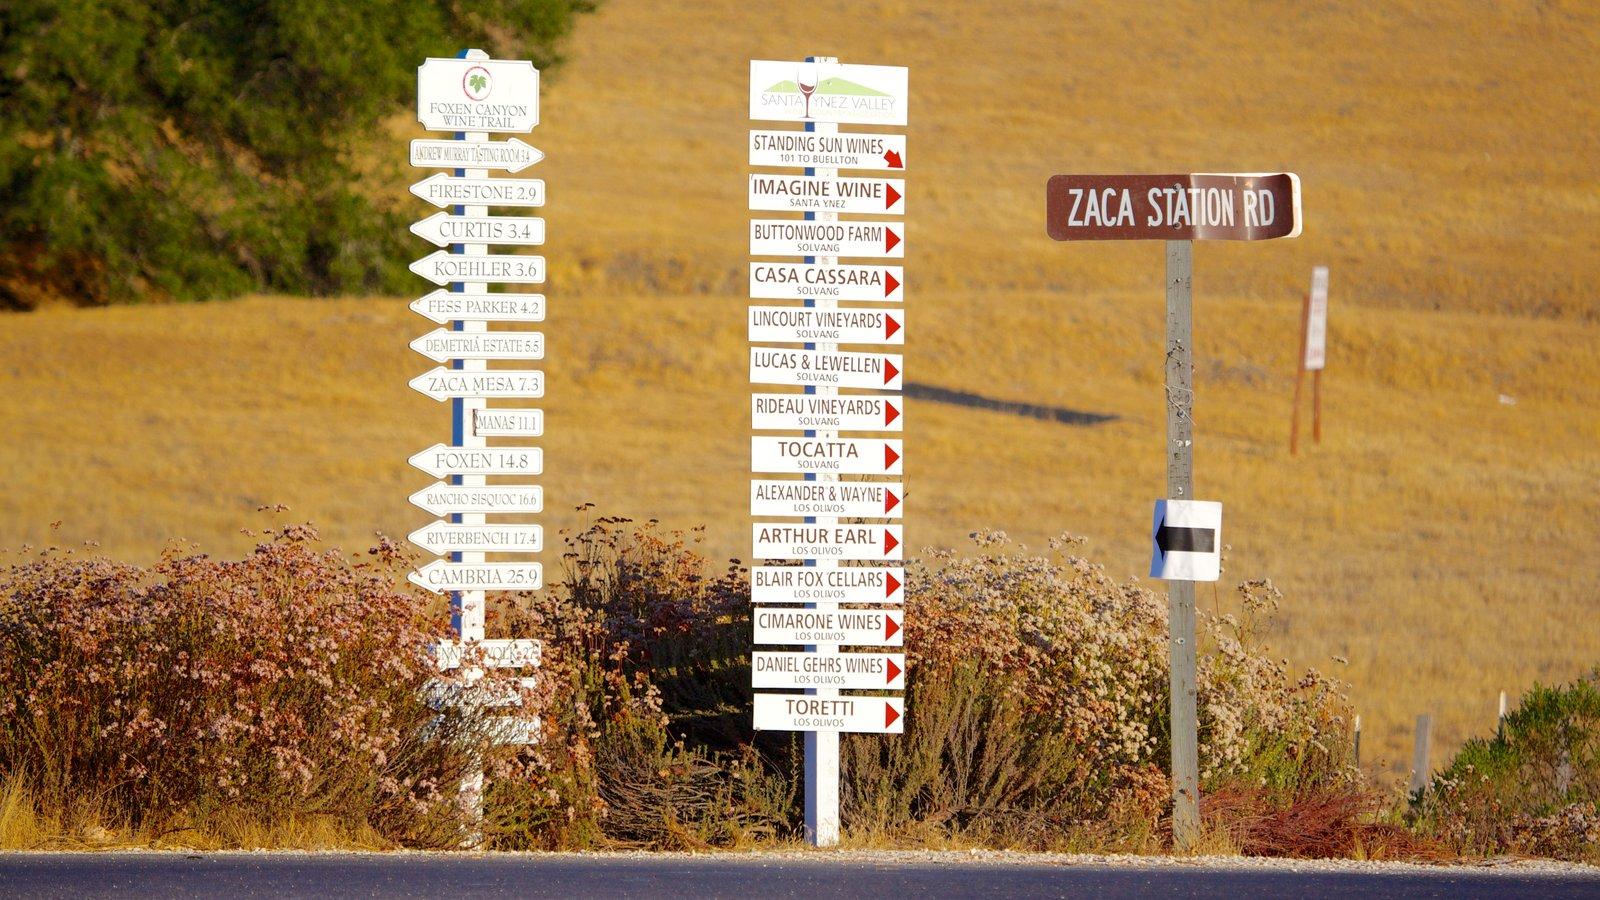 Santa Barbara mostrando cenas de rua, sinalização e cenas tranquilas